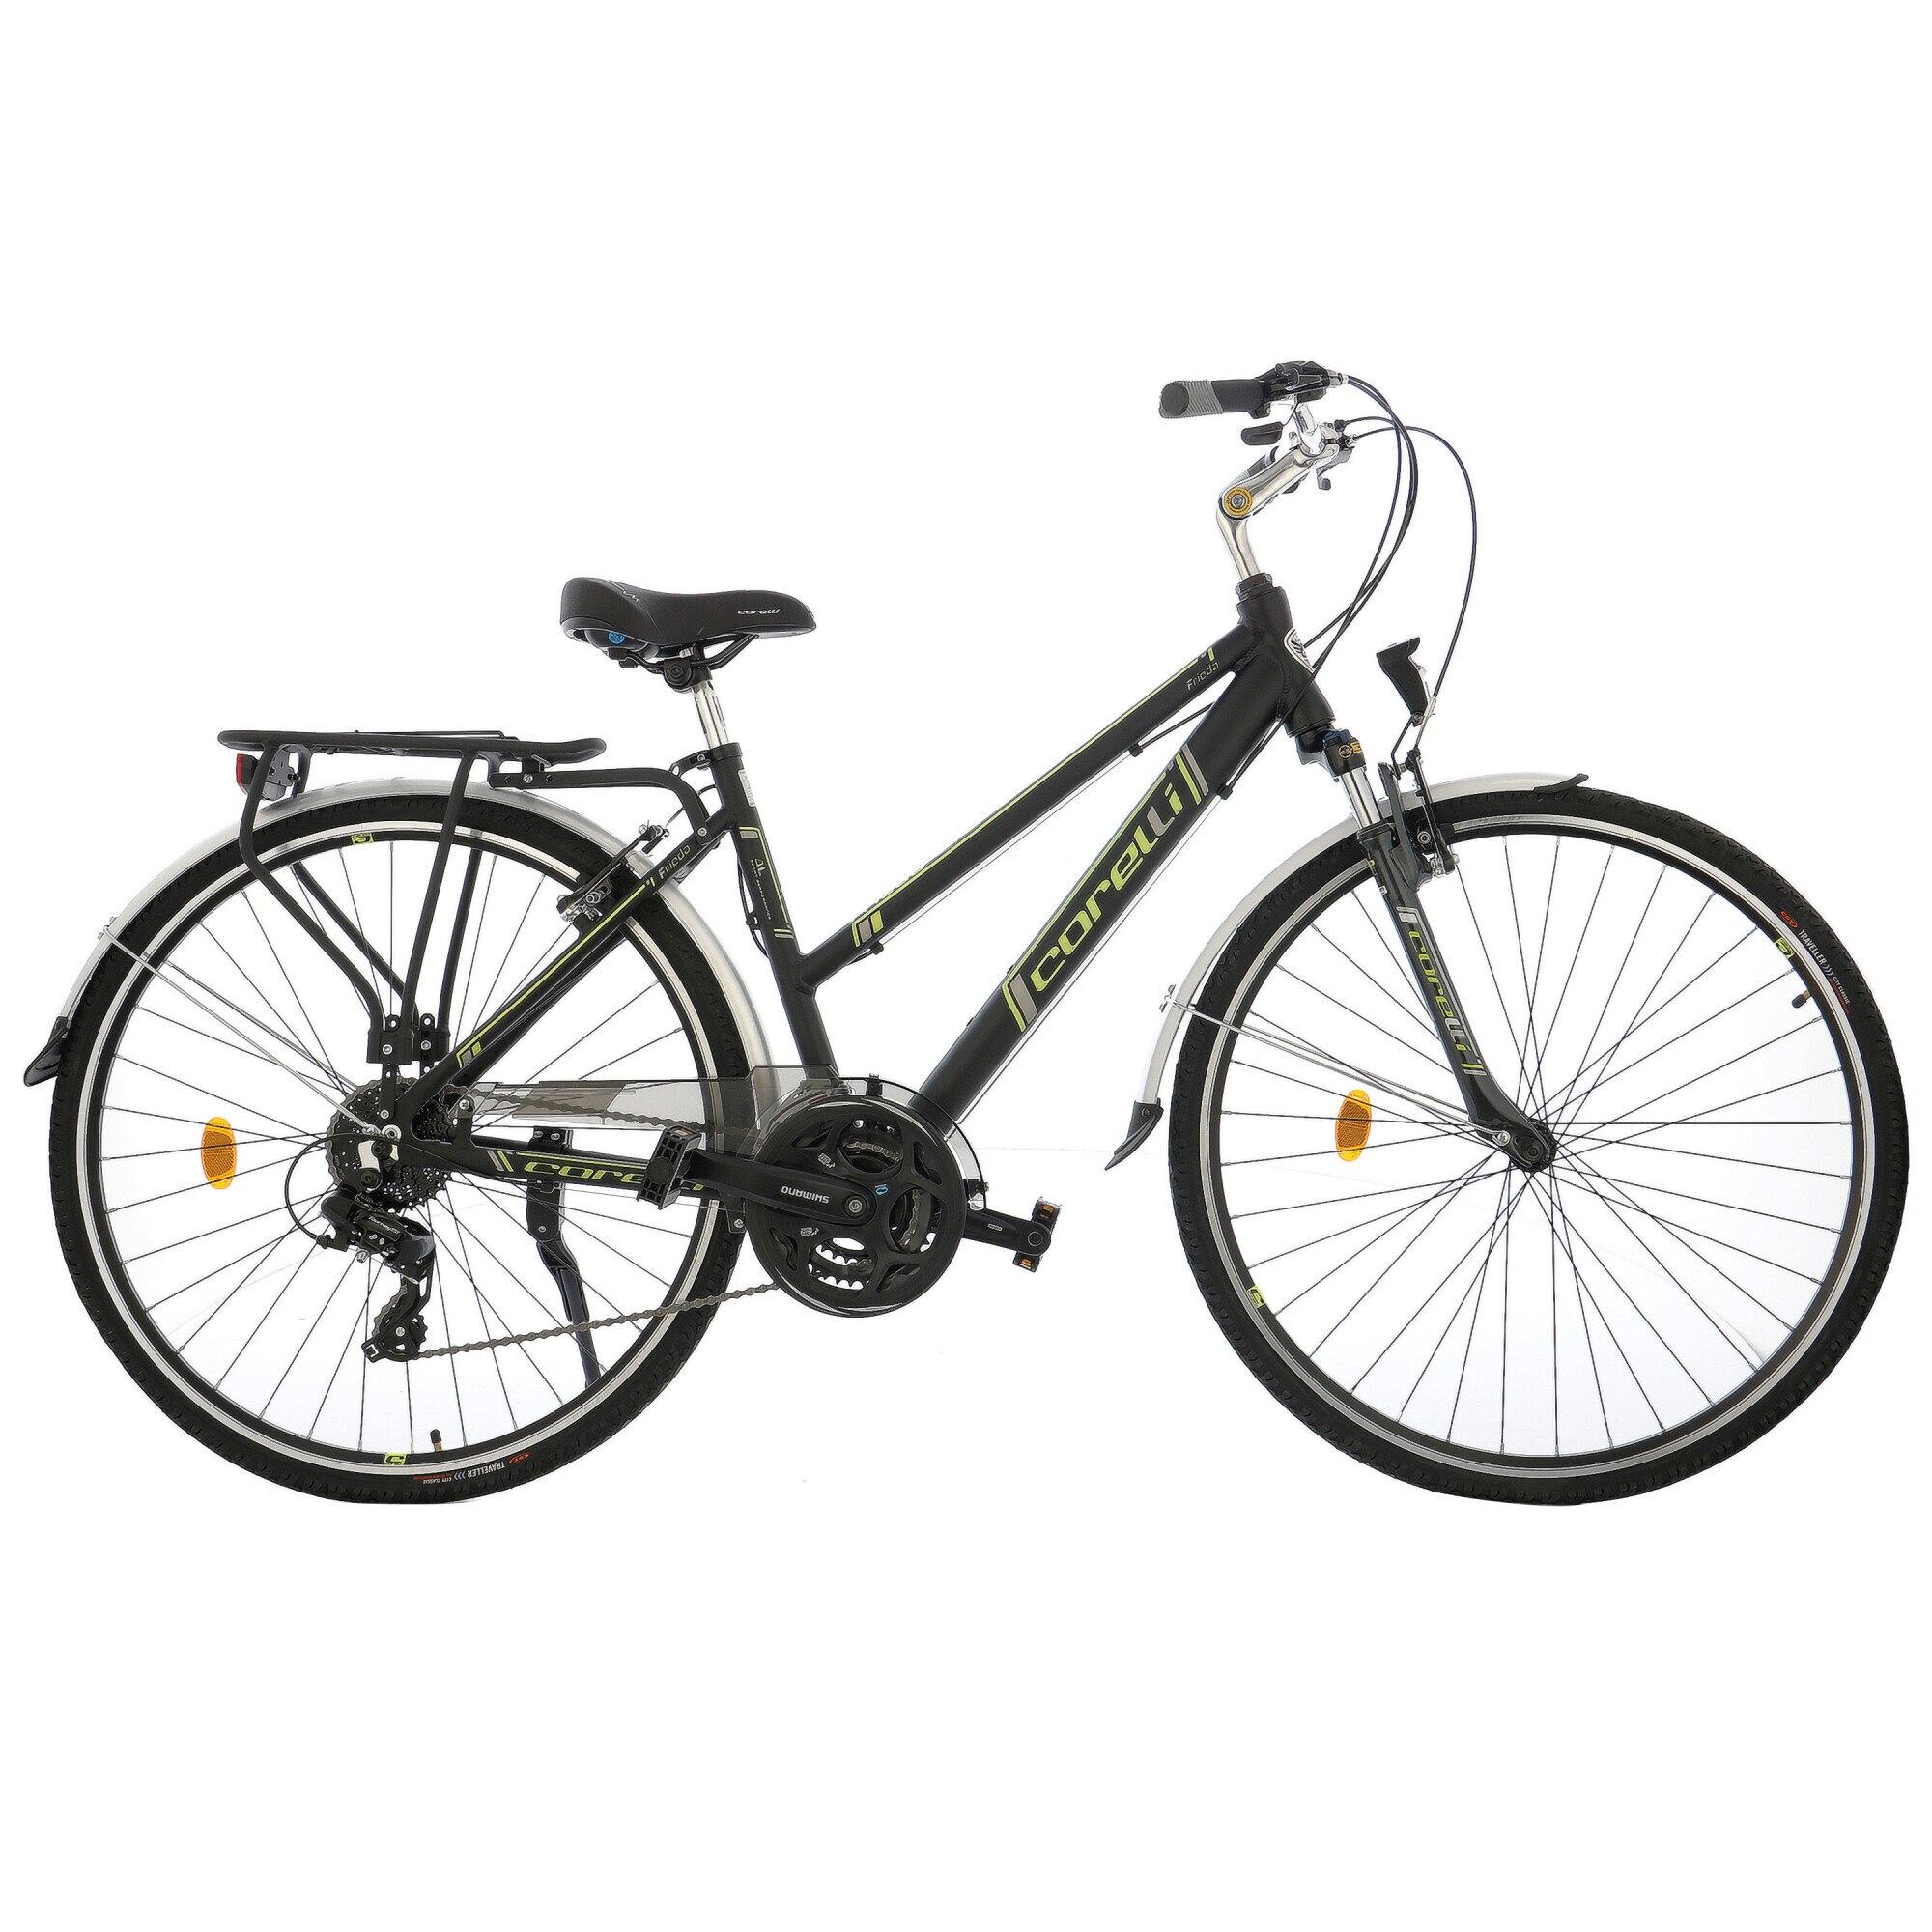 """Fotografie Bicicleta City dama 28"""" Corelli FRIEDA, 24 viteze, culoare verde-gri"""